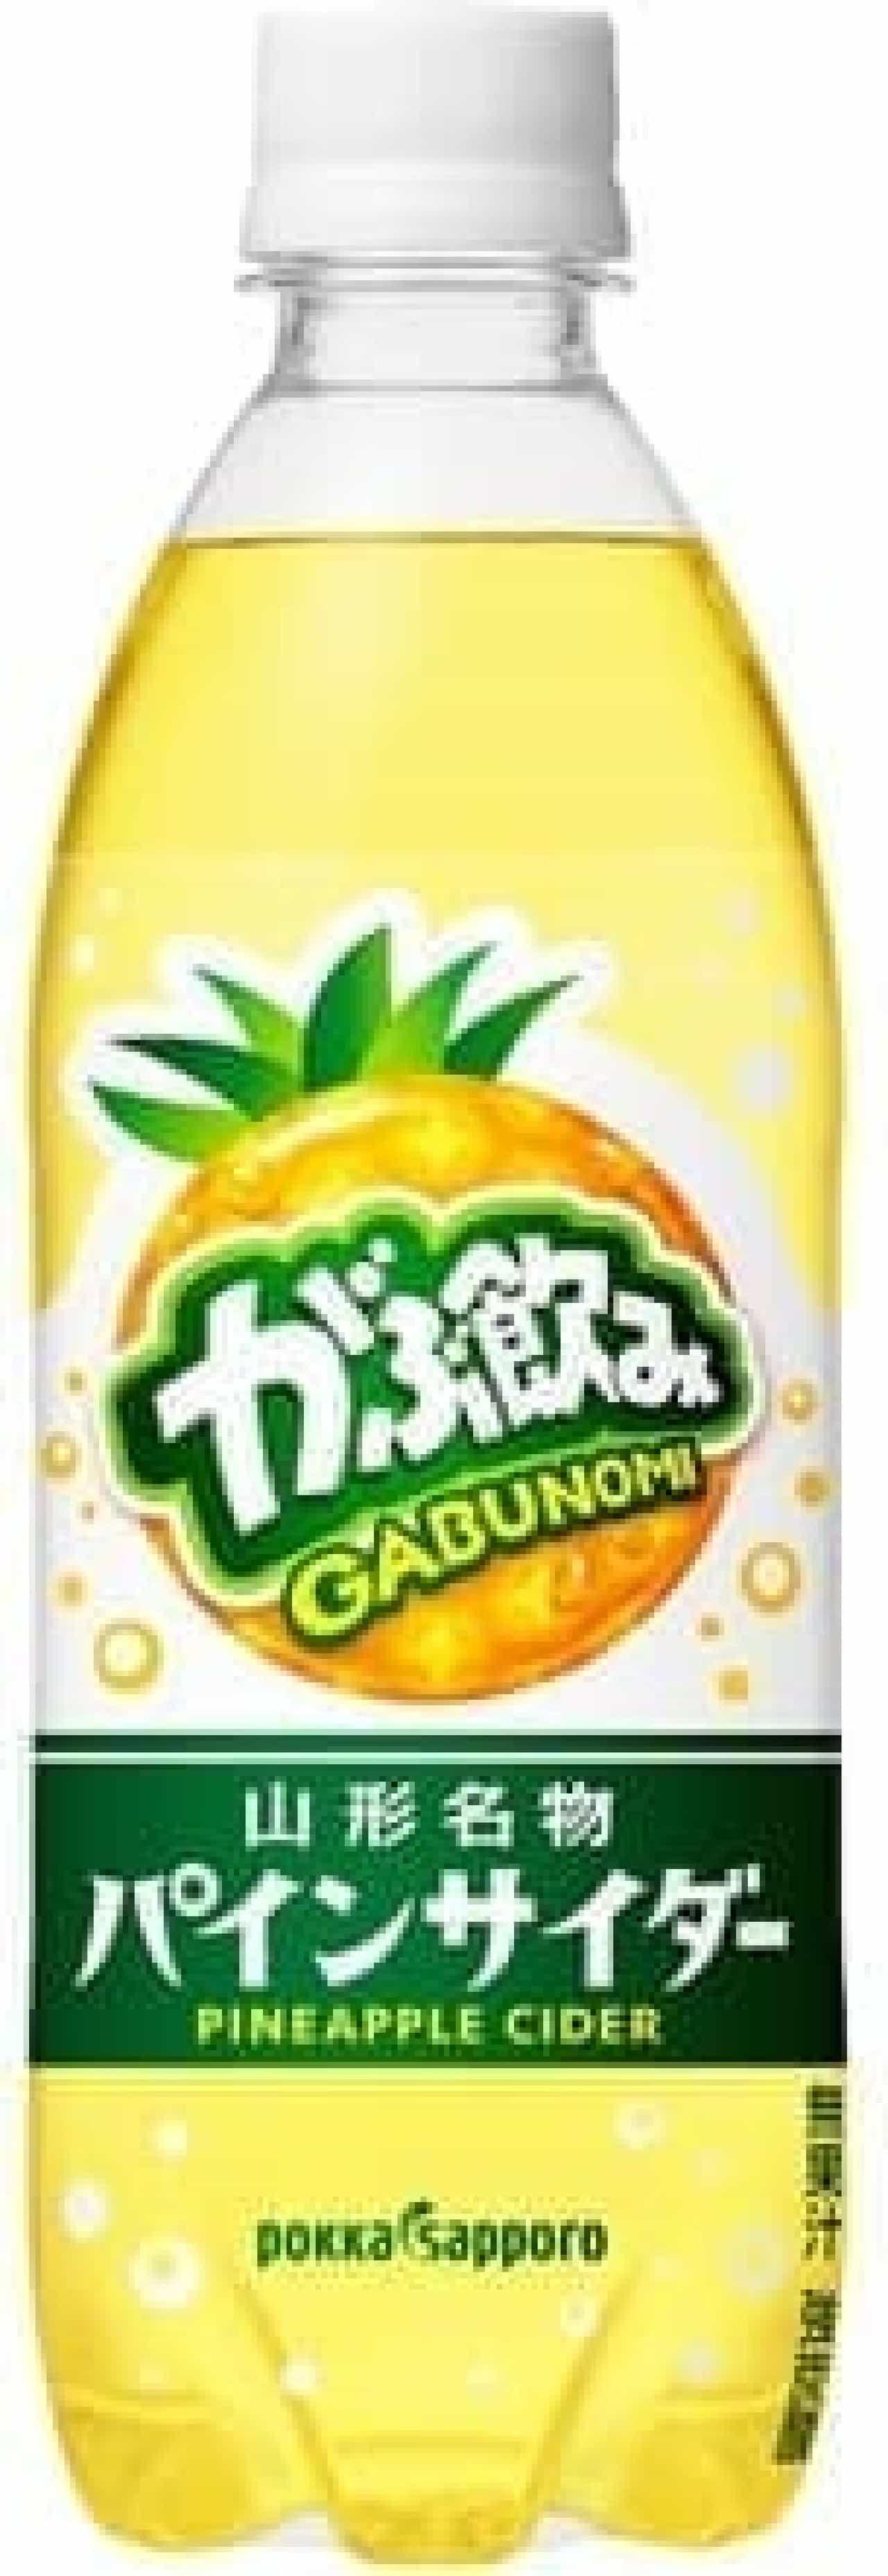 ポッカサッポロ「がぶ飲み パインサイダー」